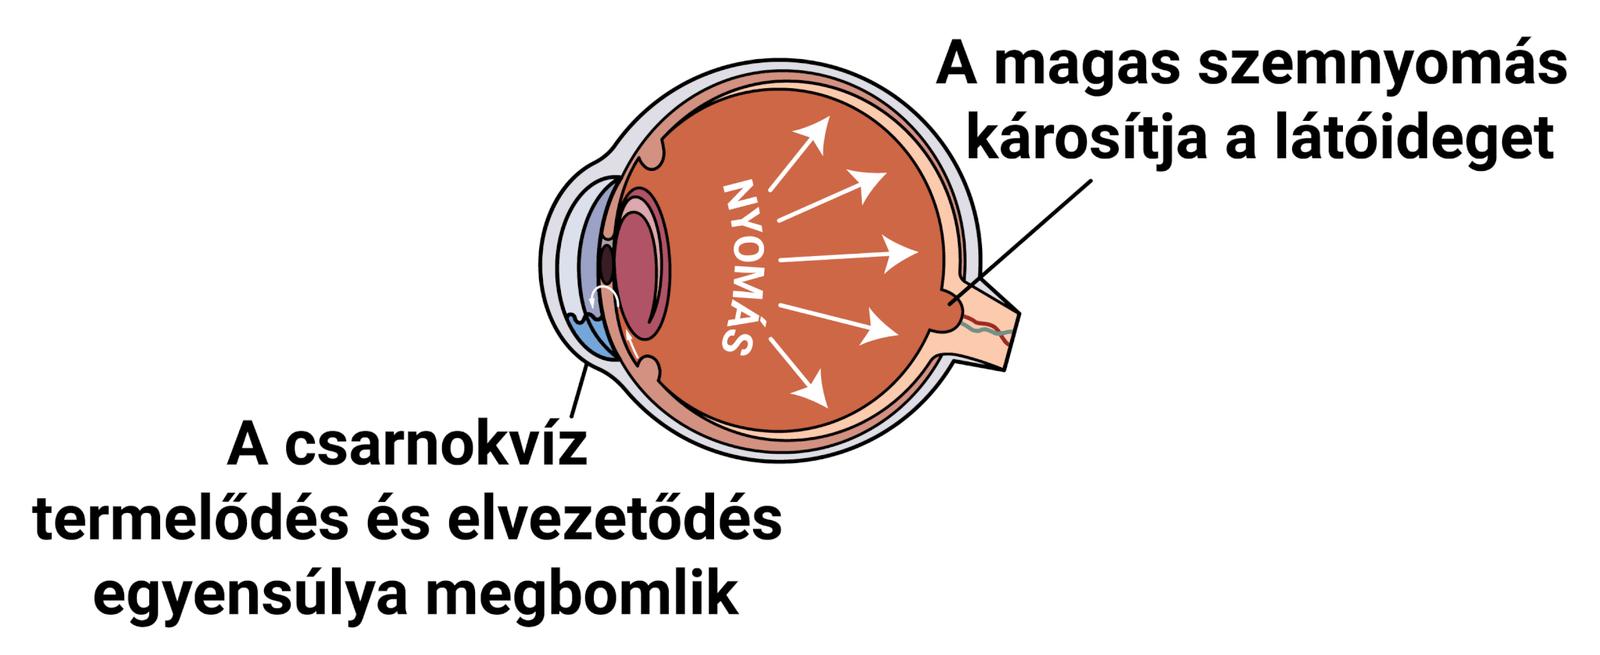 feltételezett magzati kondropátia a látás hyperopia korrekciója